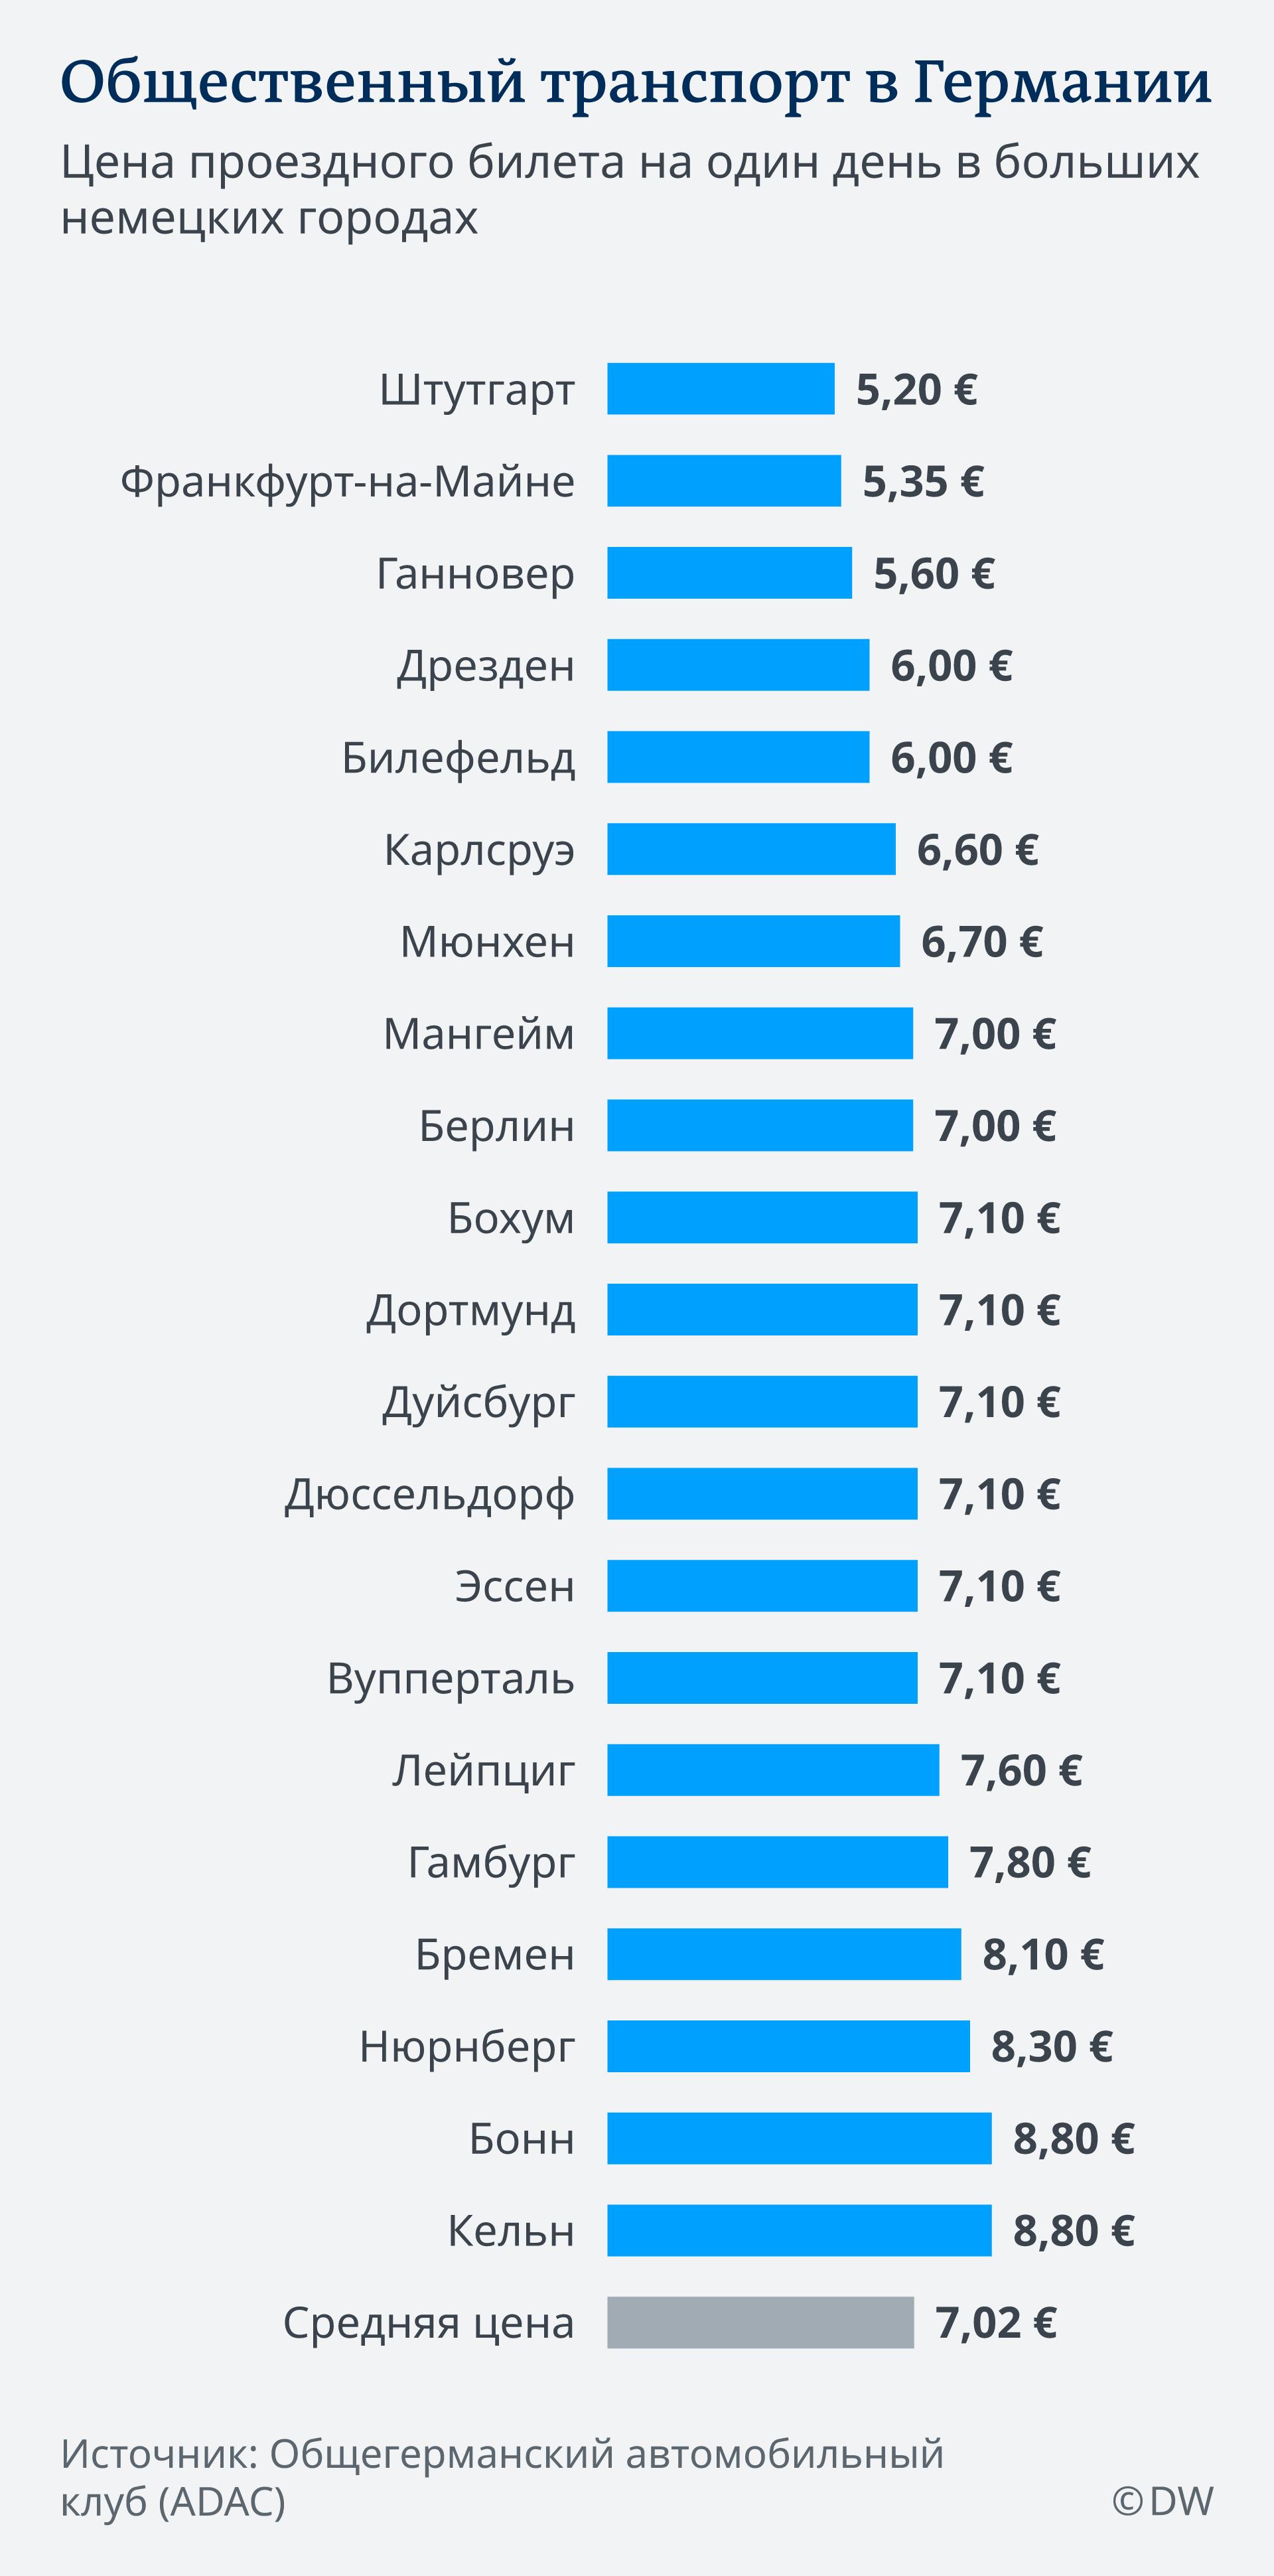 Сколько стоит общественный транспорт в Германии